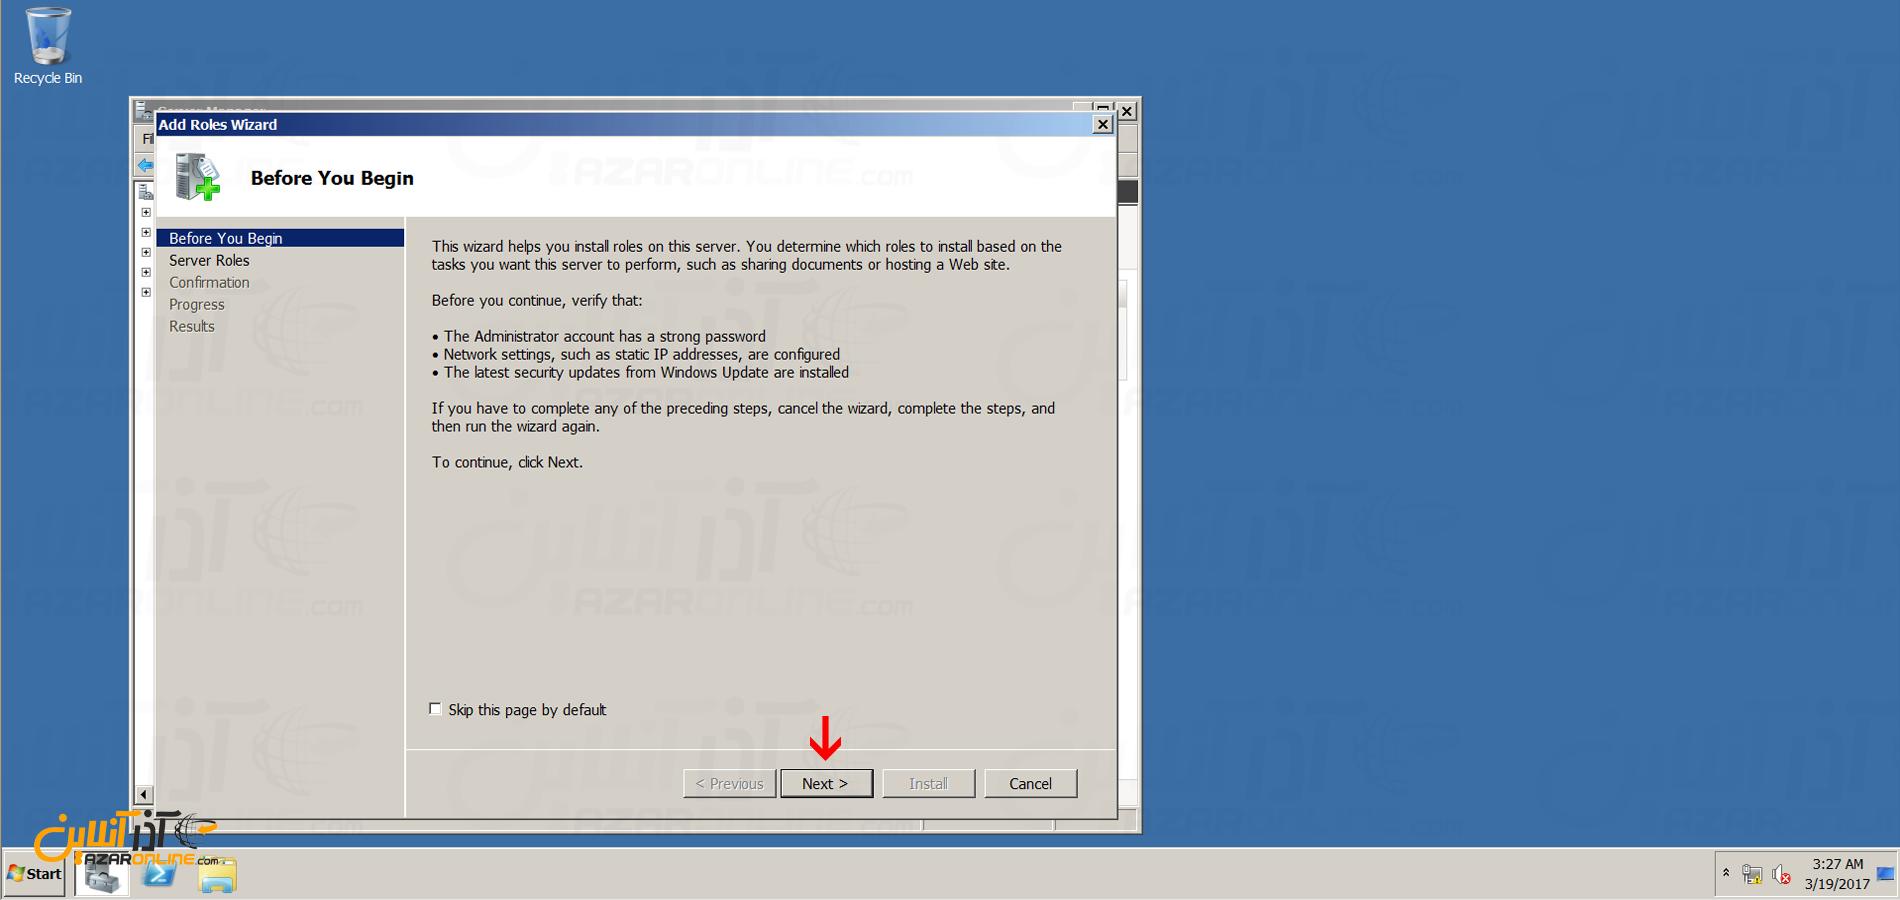 آموزش نصب iis در ویندوز 2008 - مرحله بعدی